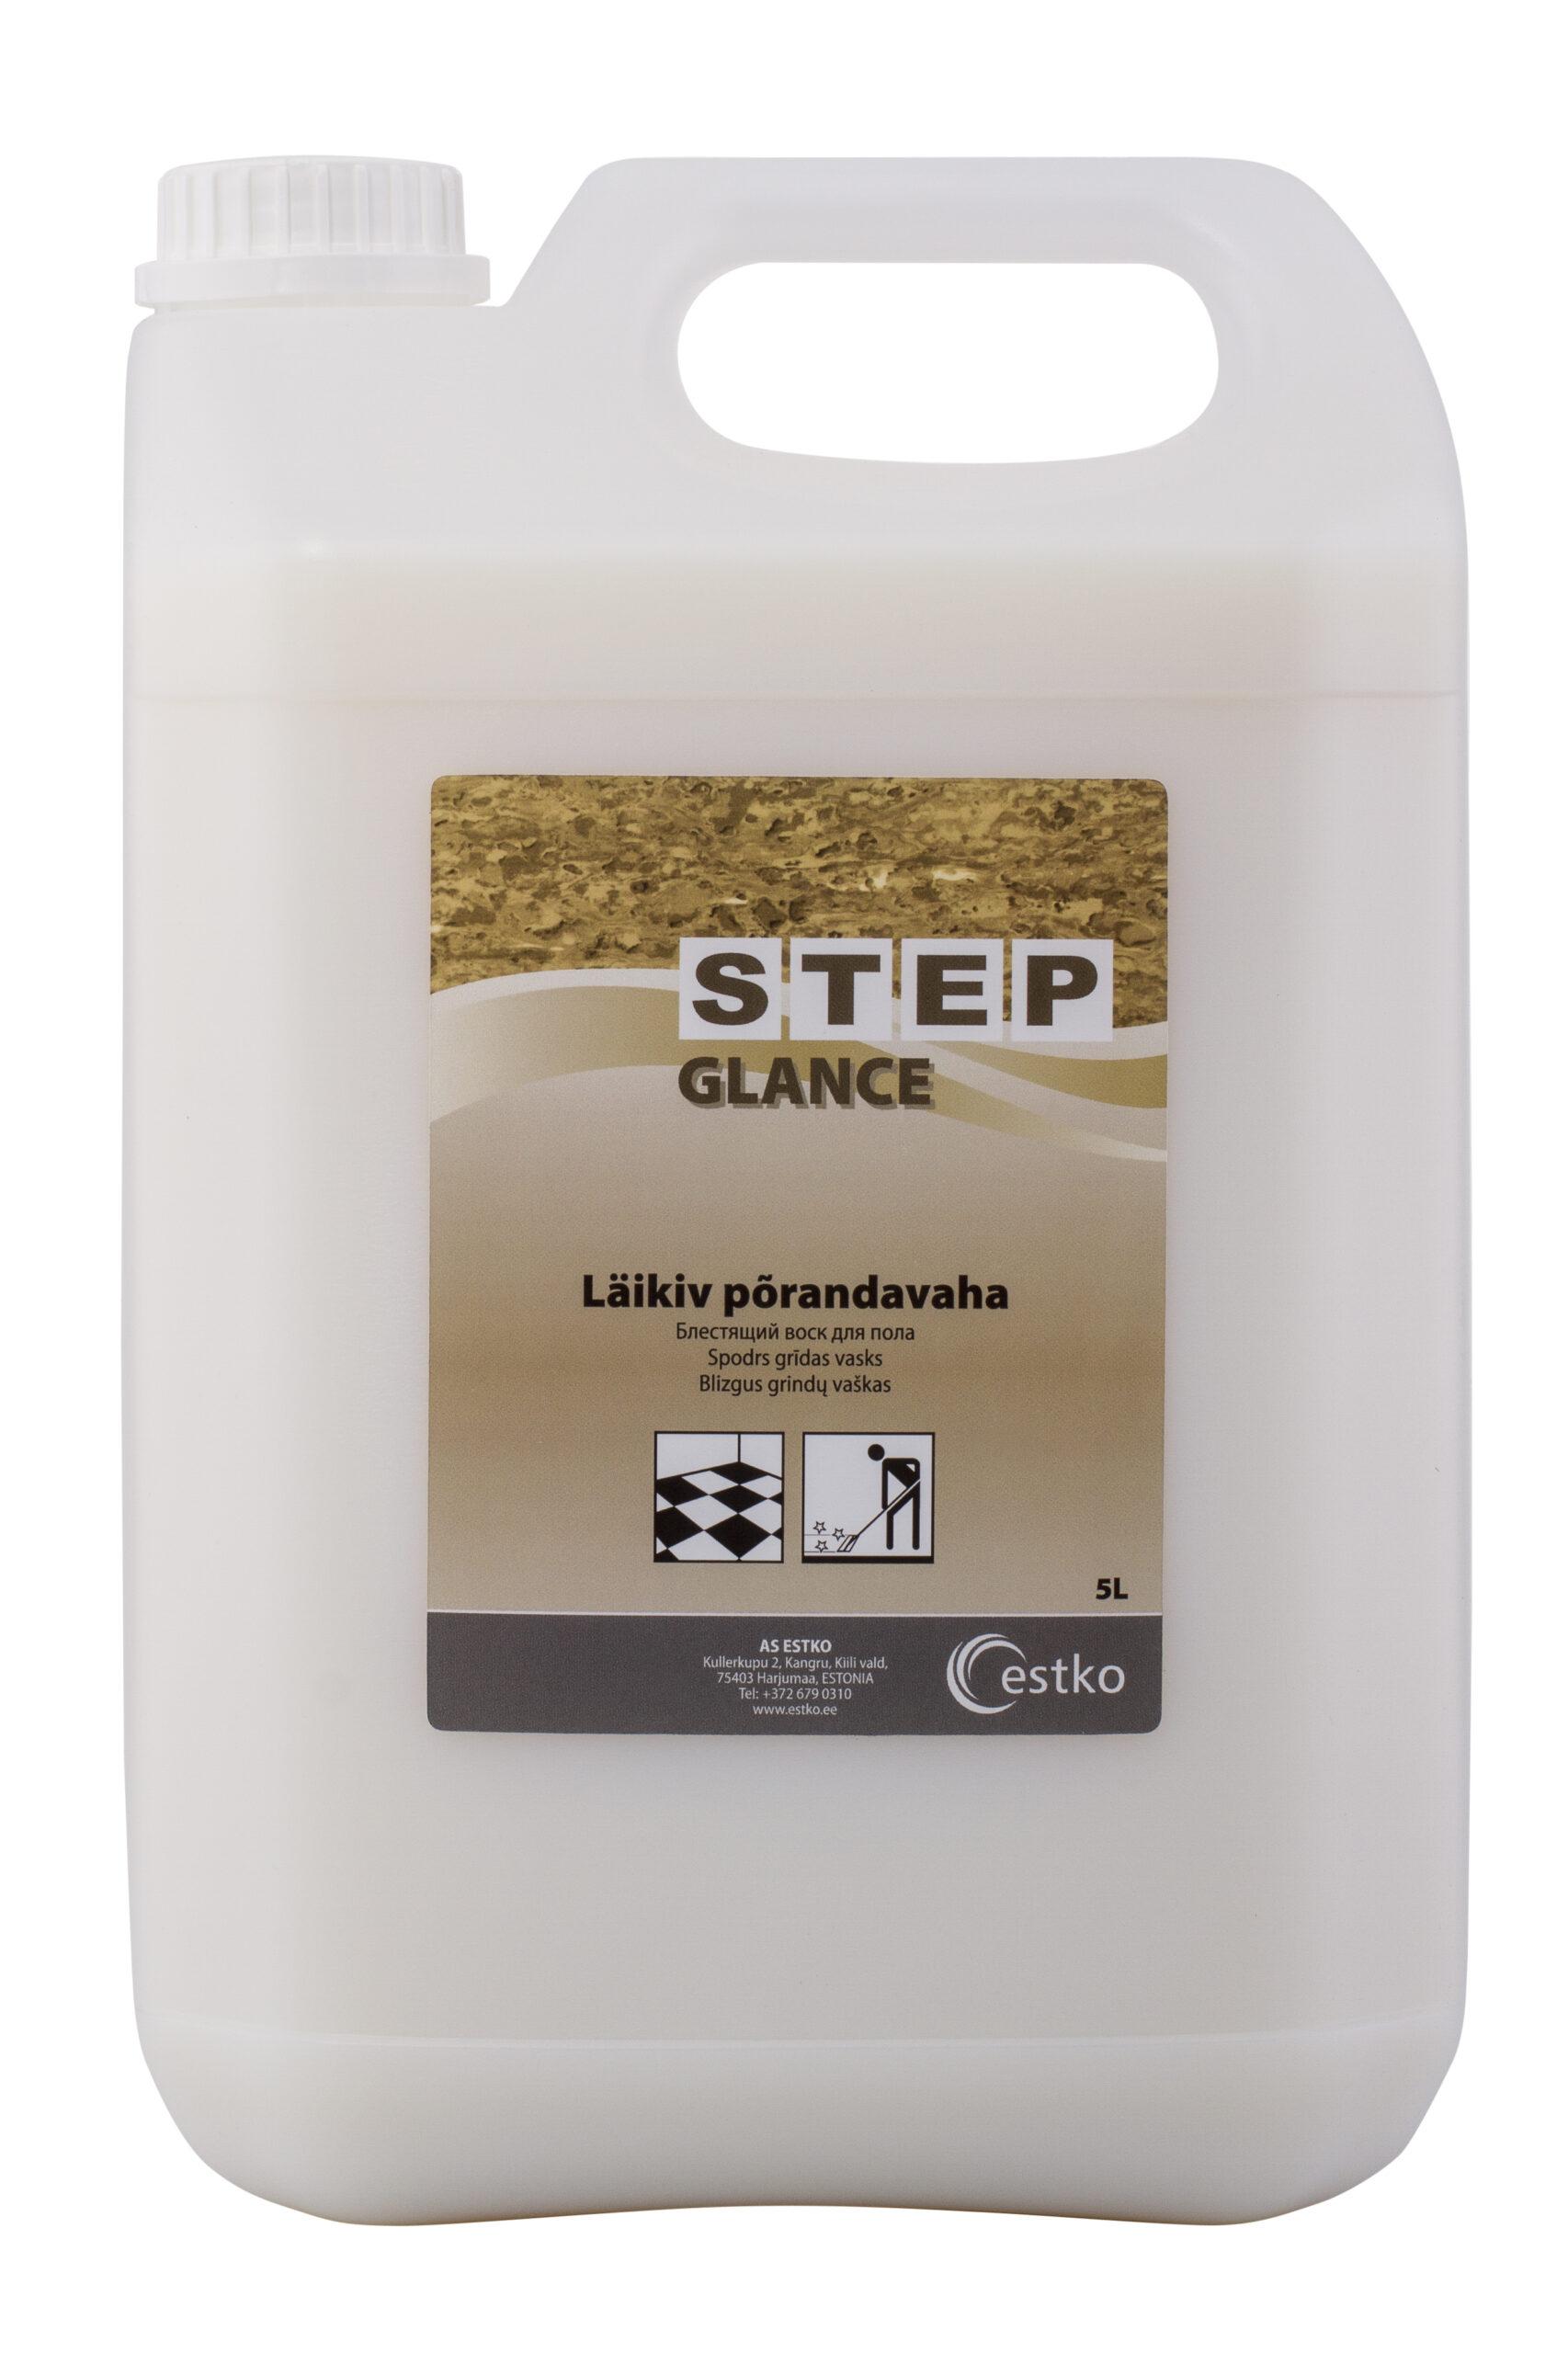 STEP Glance